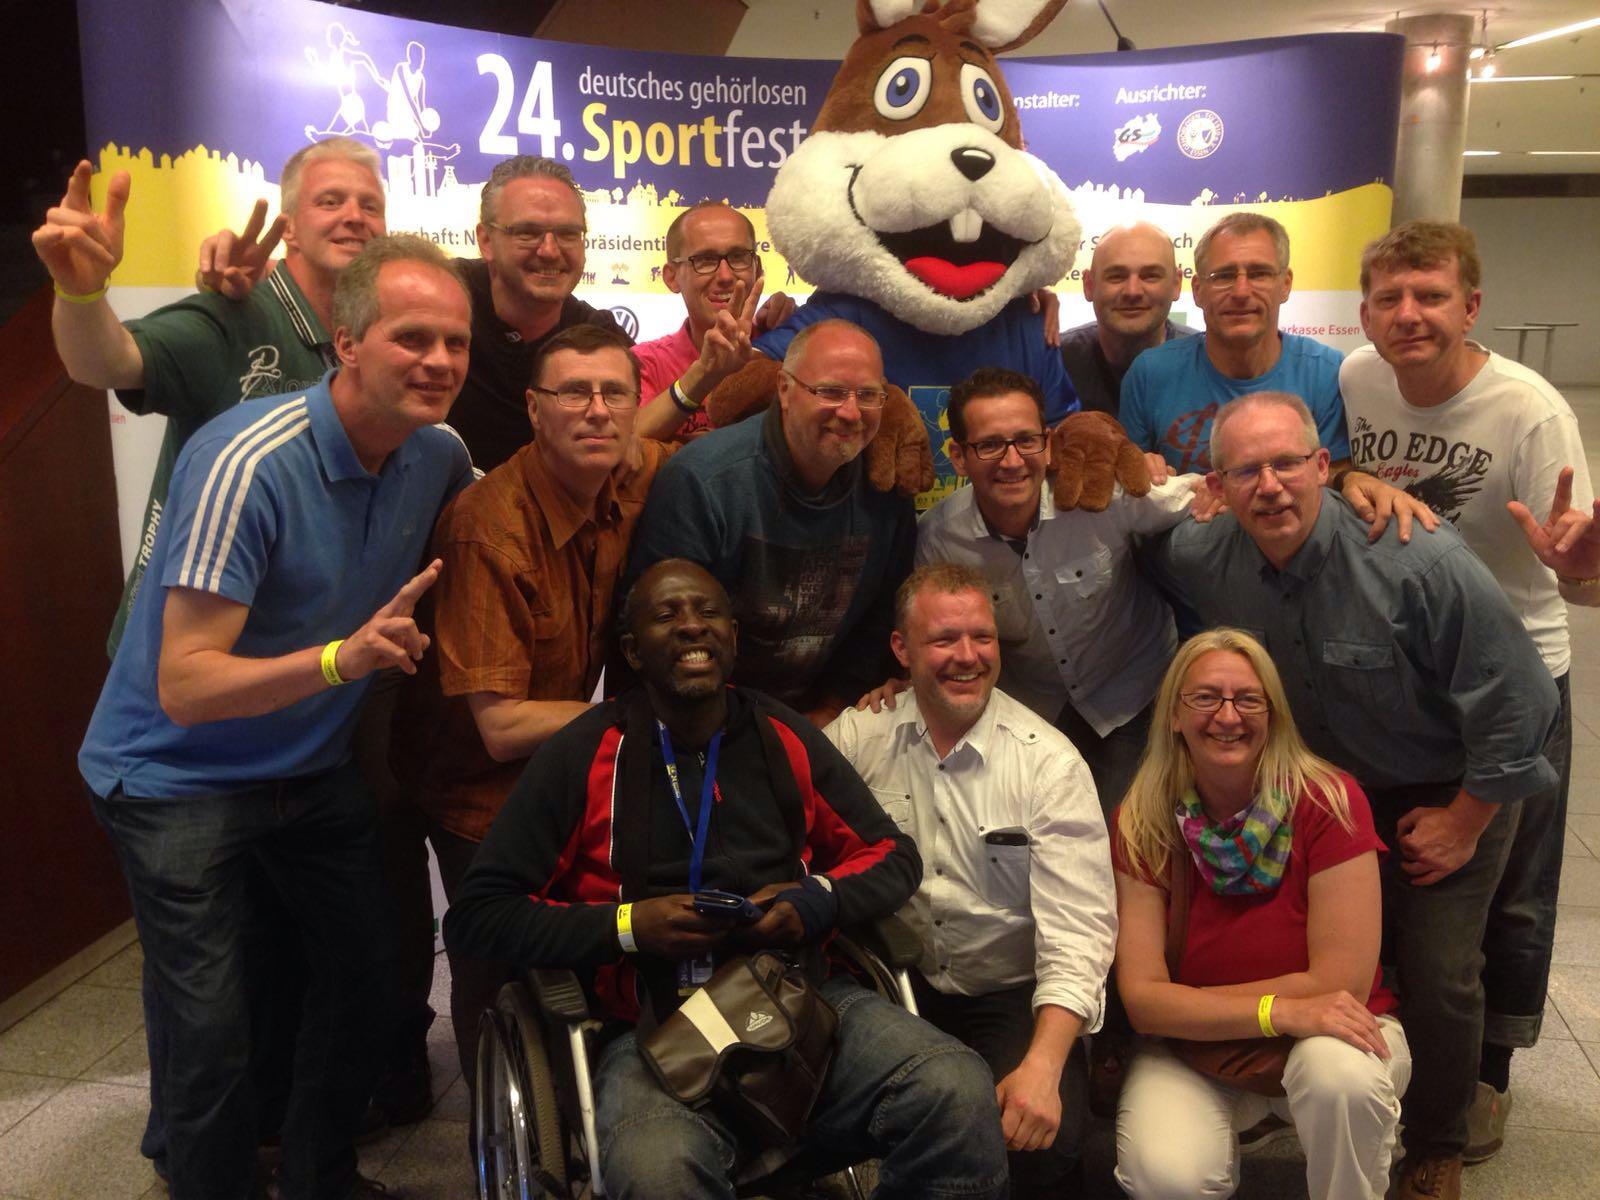 DG-Sportfest 2016 in Essen -Fussball-